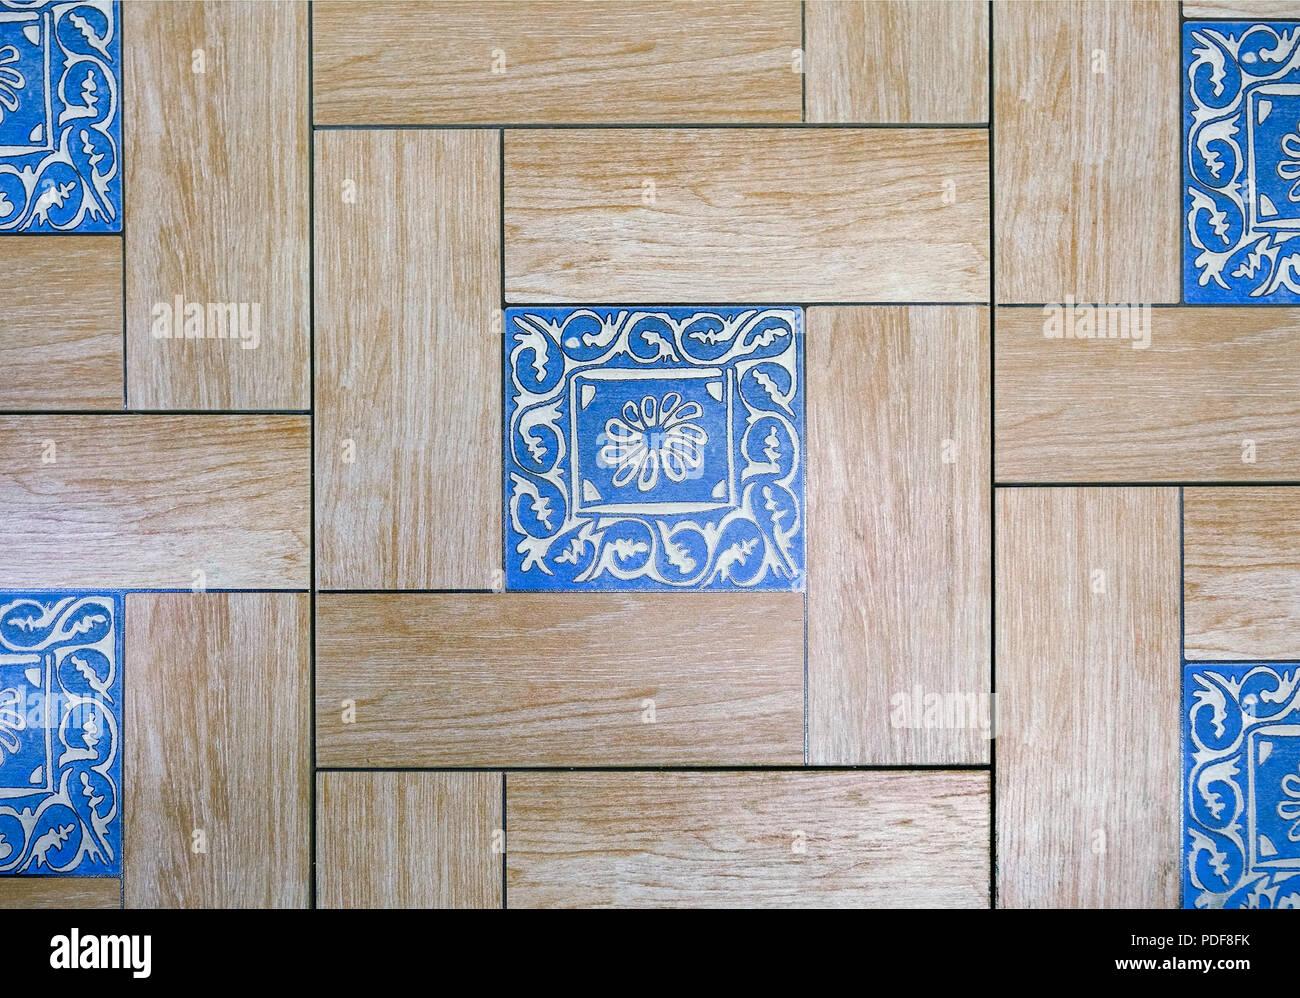 Keramikfliesen mit Ornamenten. Mosaik, Keramik Fliesen für ...